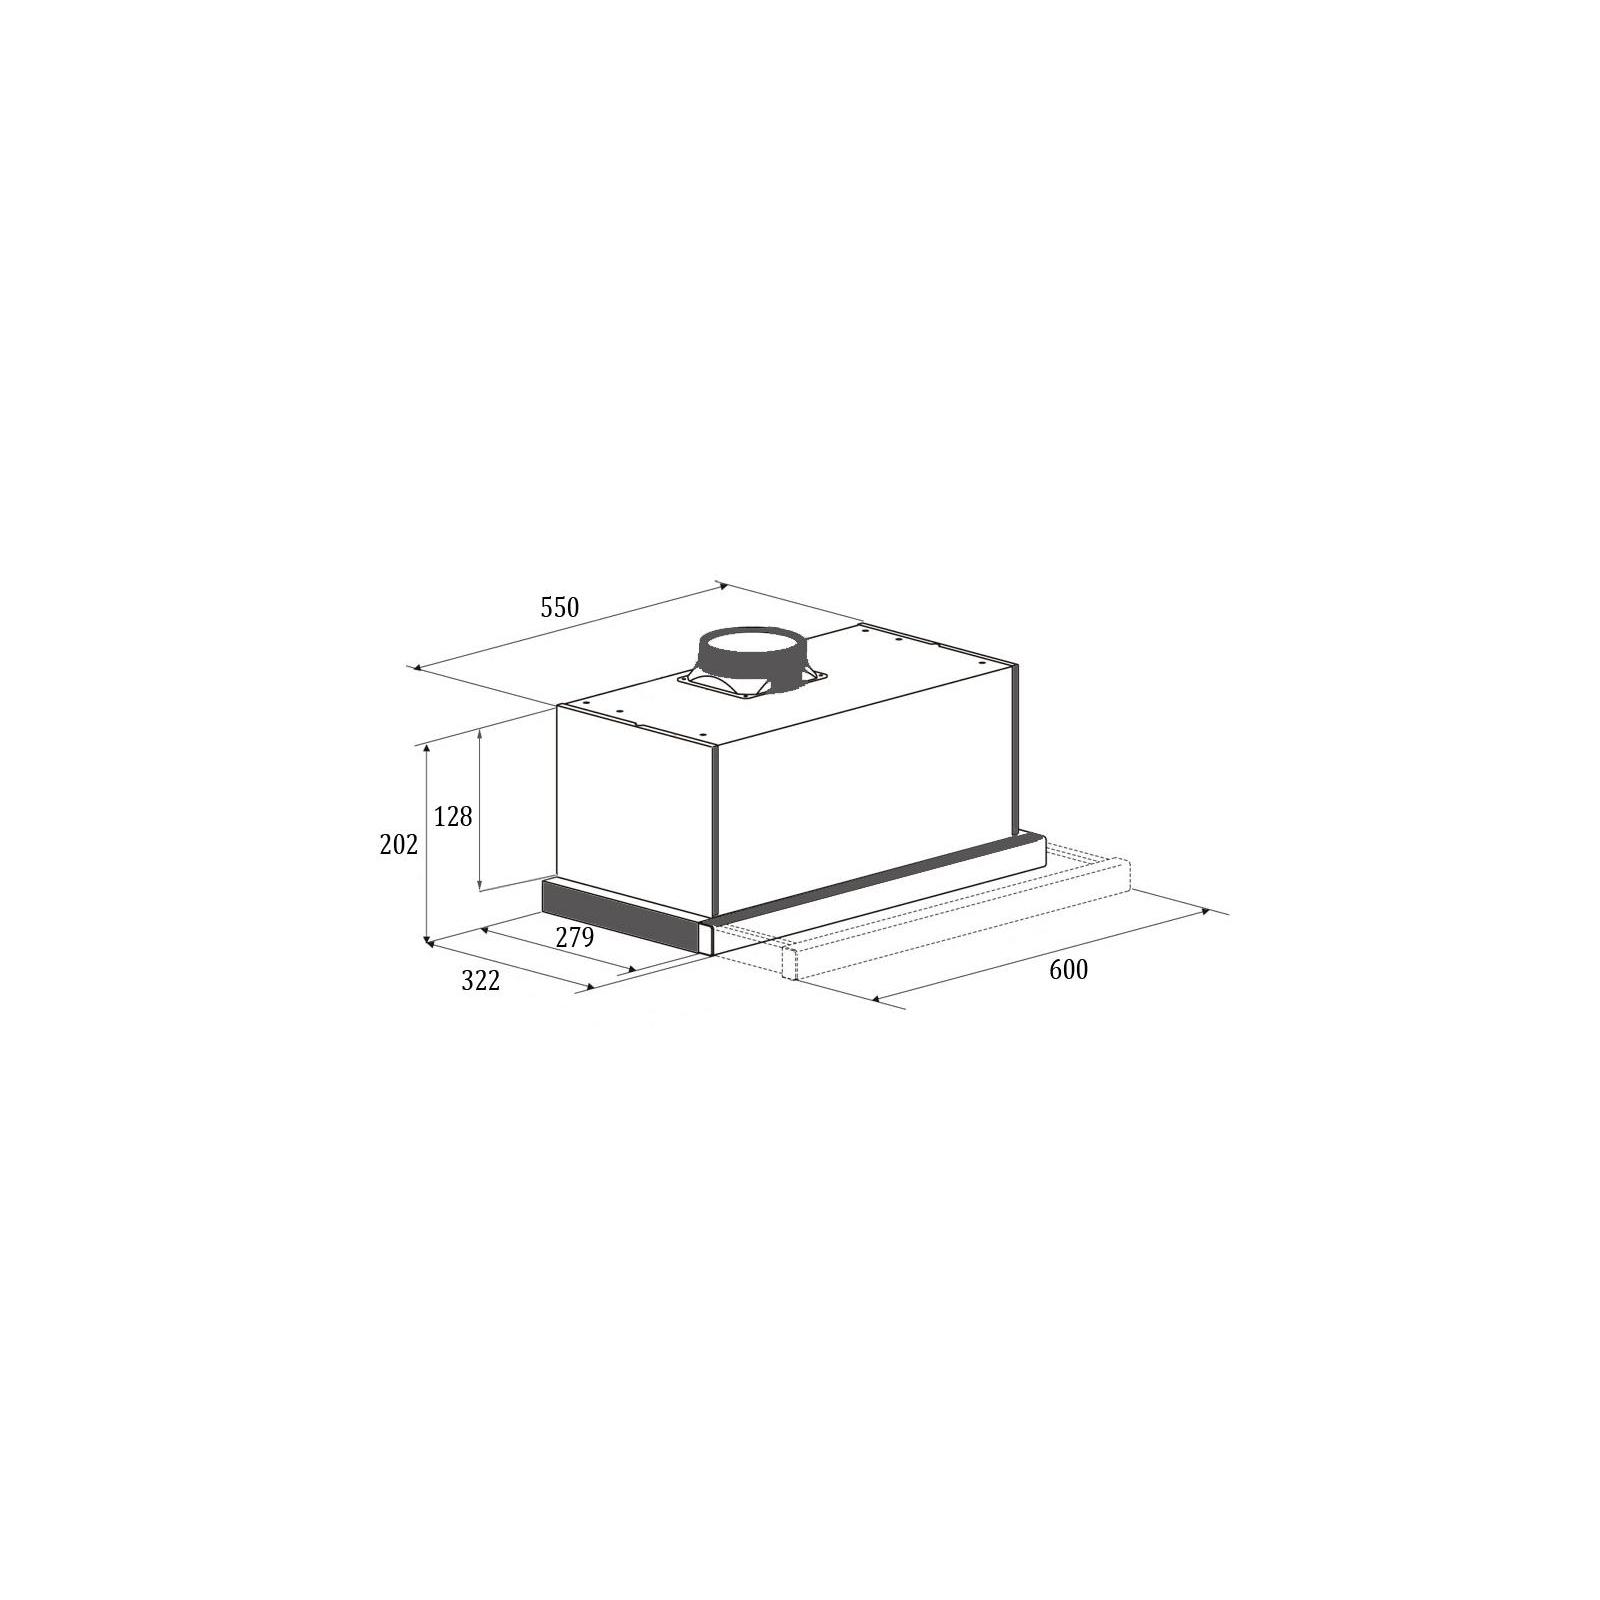 Вытяжка кухонная GUNTER&HAUER AGNA 600 GLW изображение 7